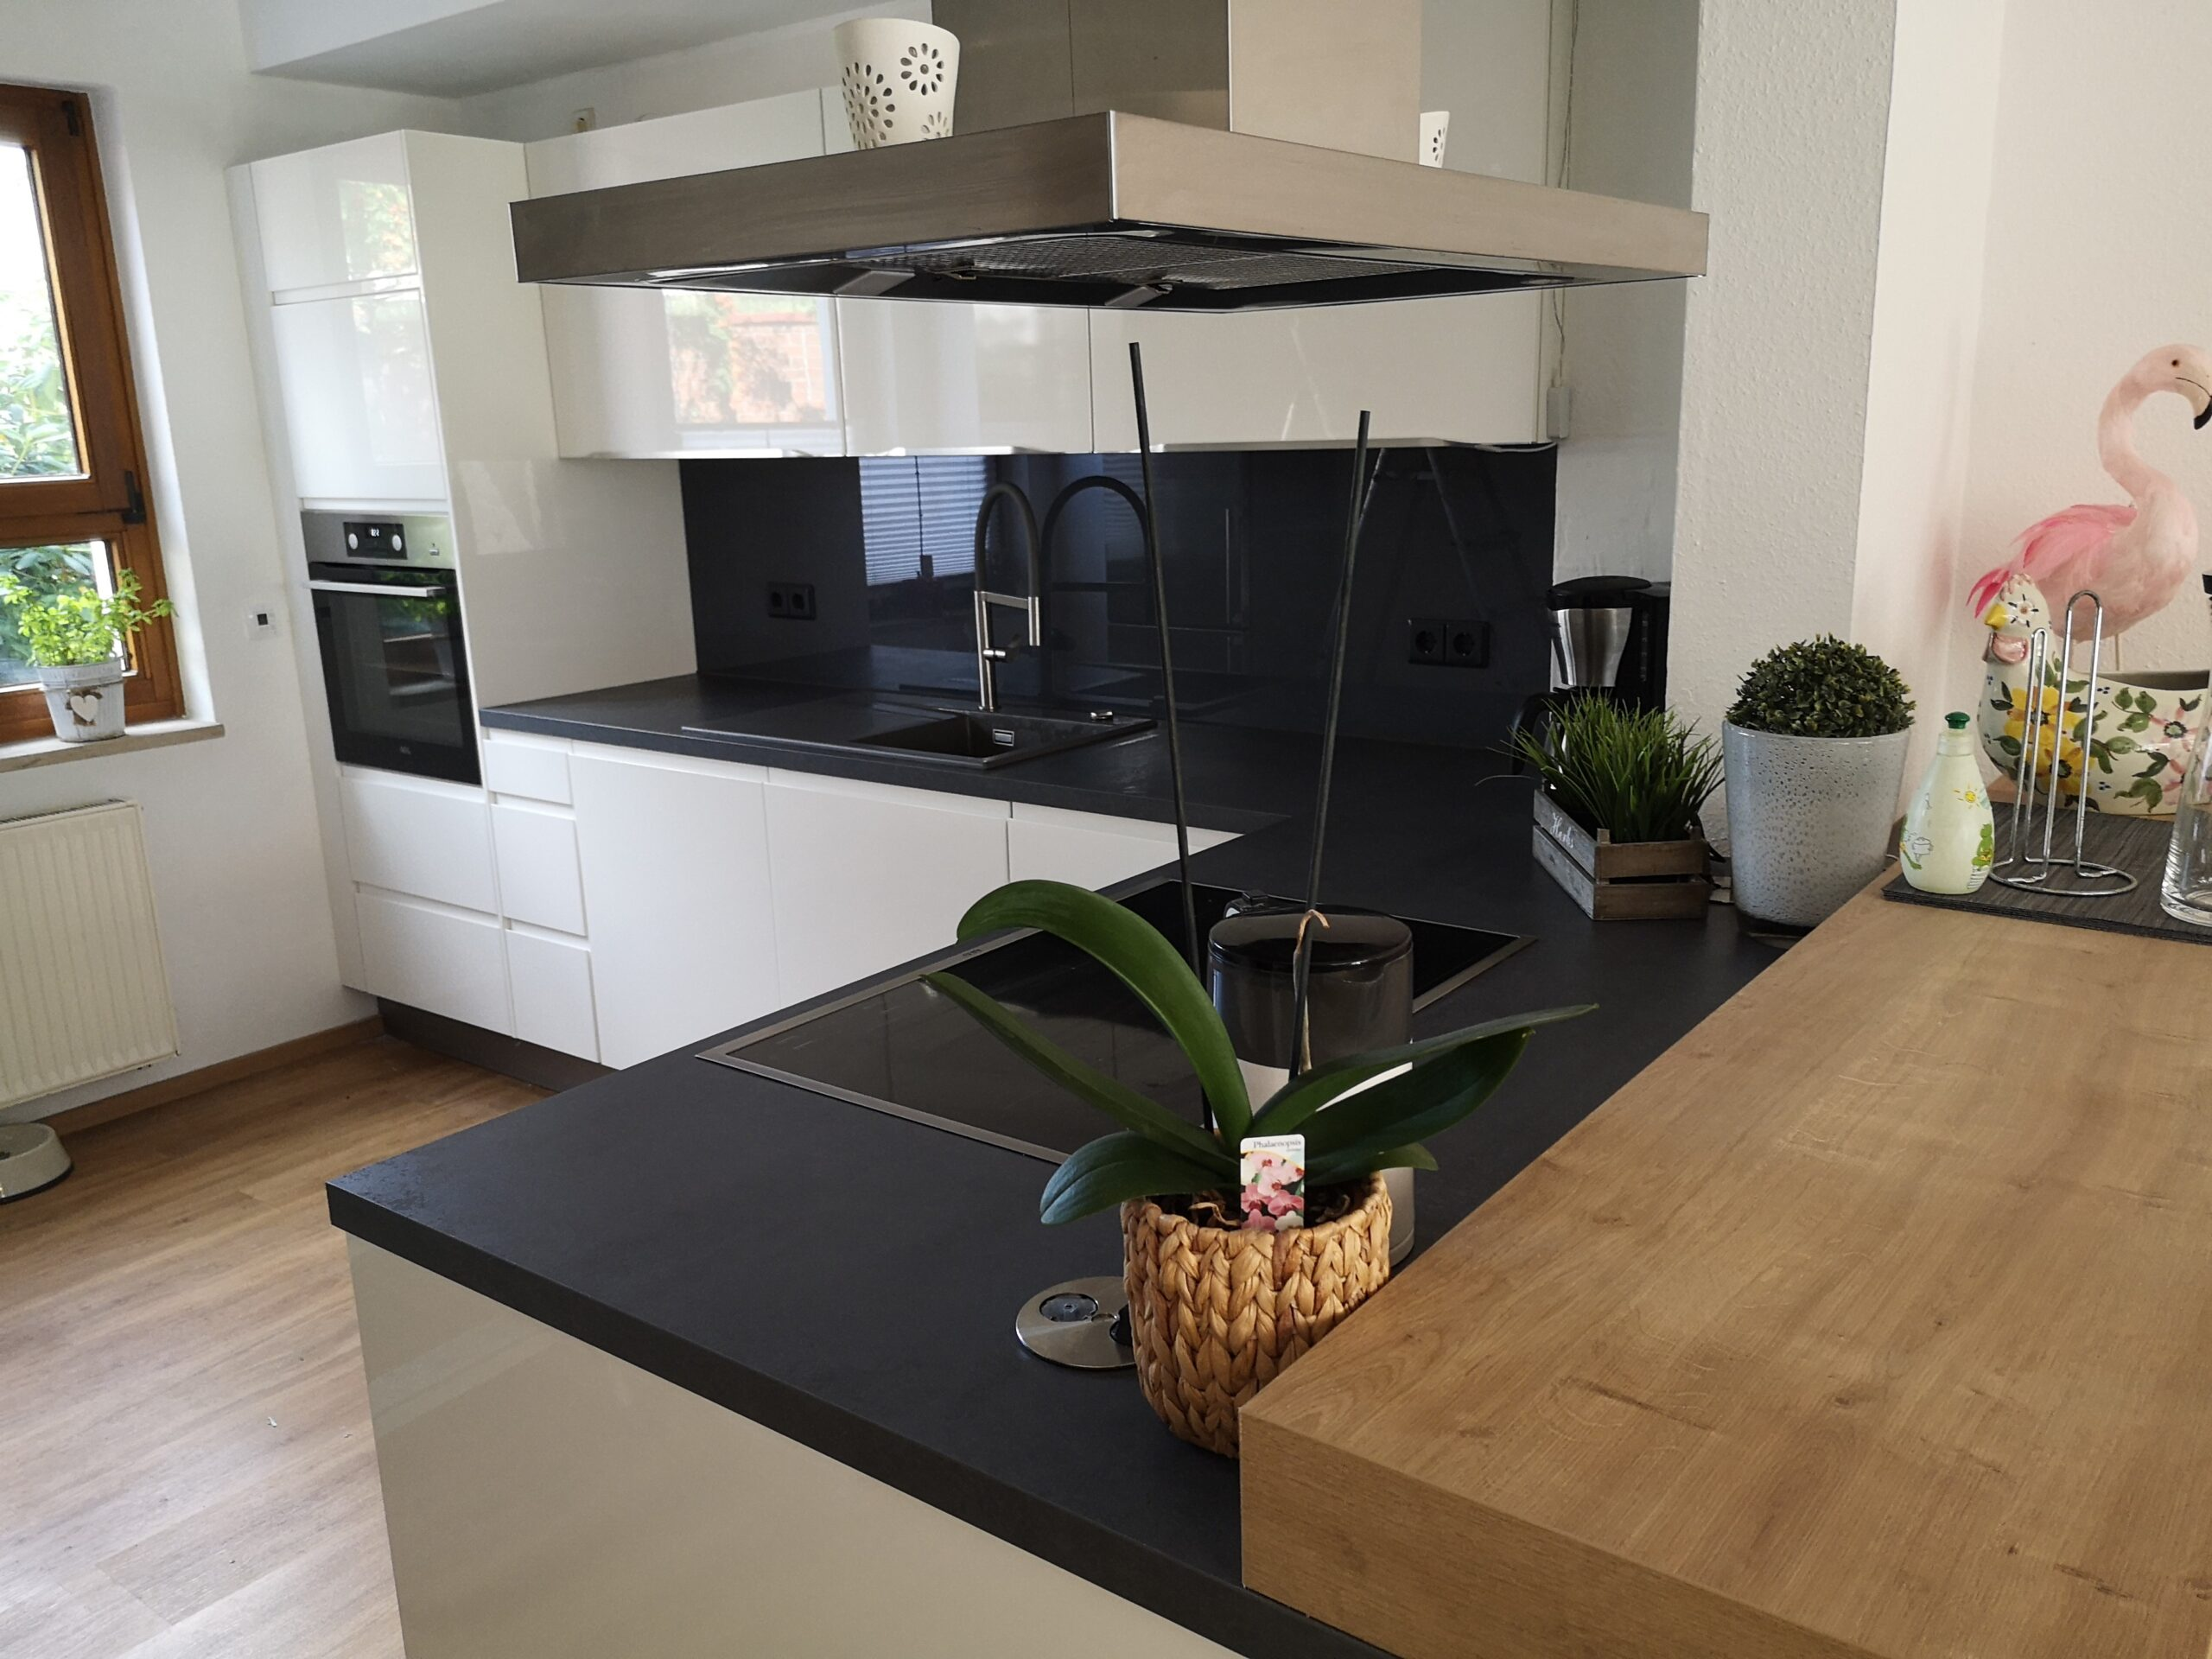 Full Size of Alternative Küchen Ratgeber Kchenrckwand Tipps Und Ideen Zur Gestaltung Sofa Alternatives Regal Wohnzimmer Alternative Küchen